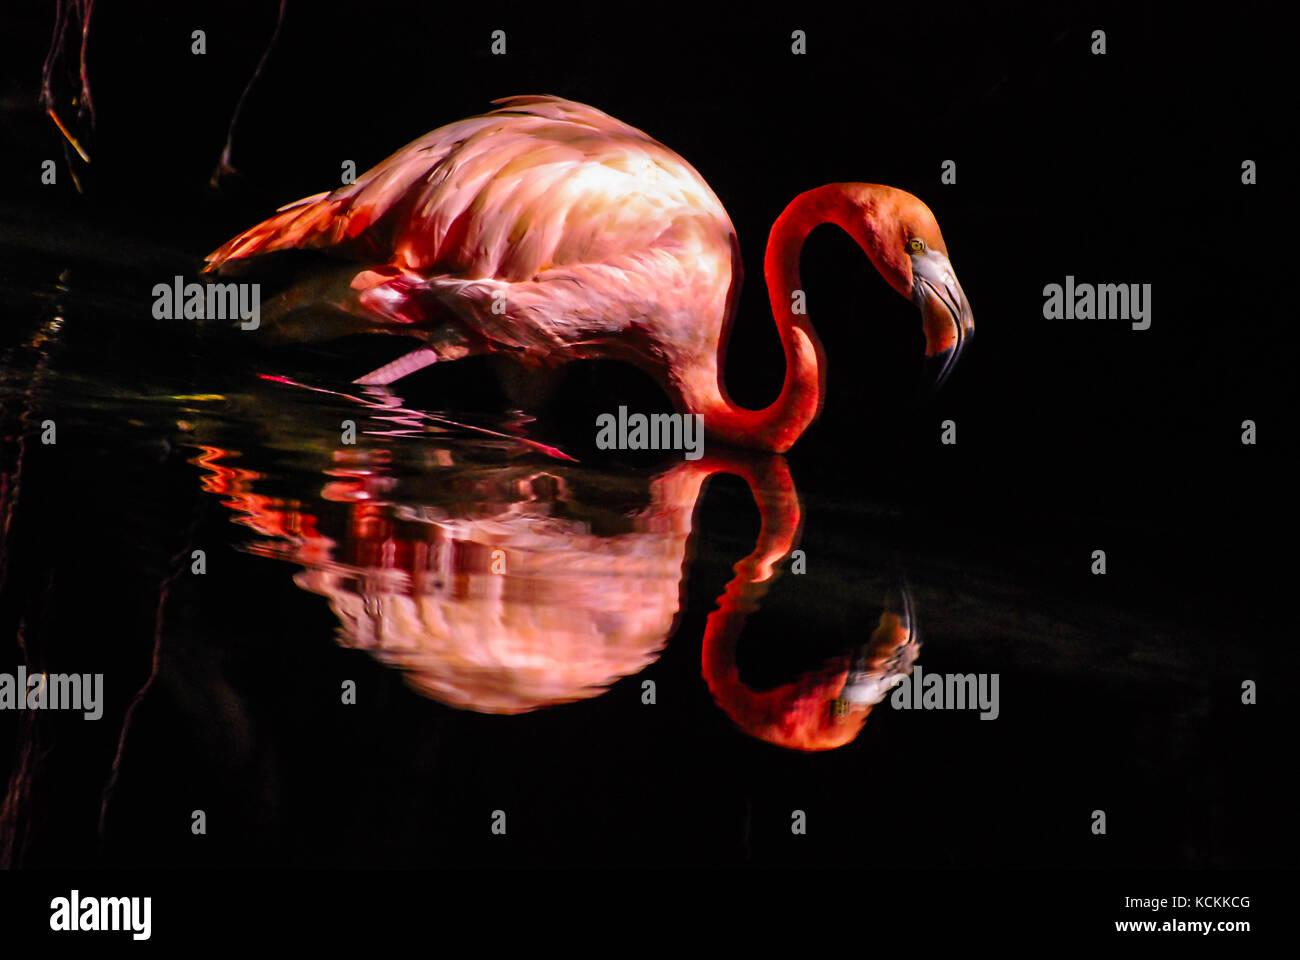 Rosa flamingo im Wasser wider. Dunkler Hintergrund Stockfoto